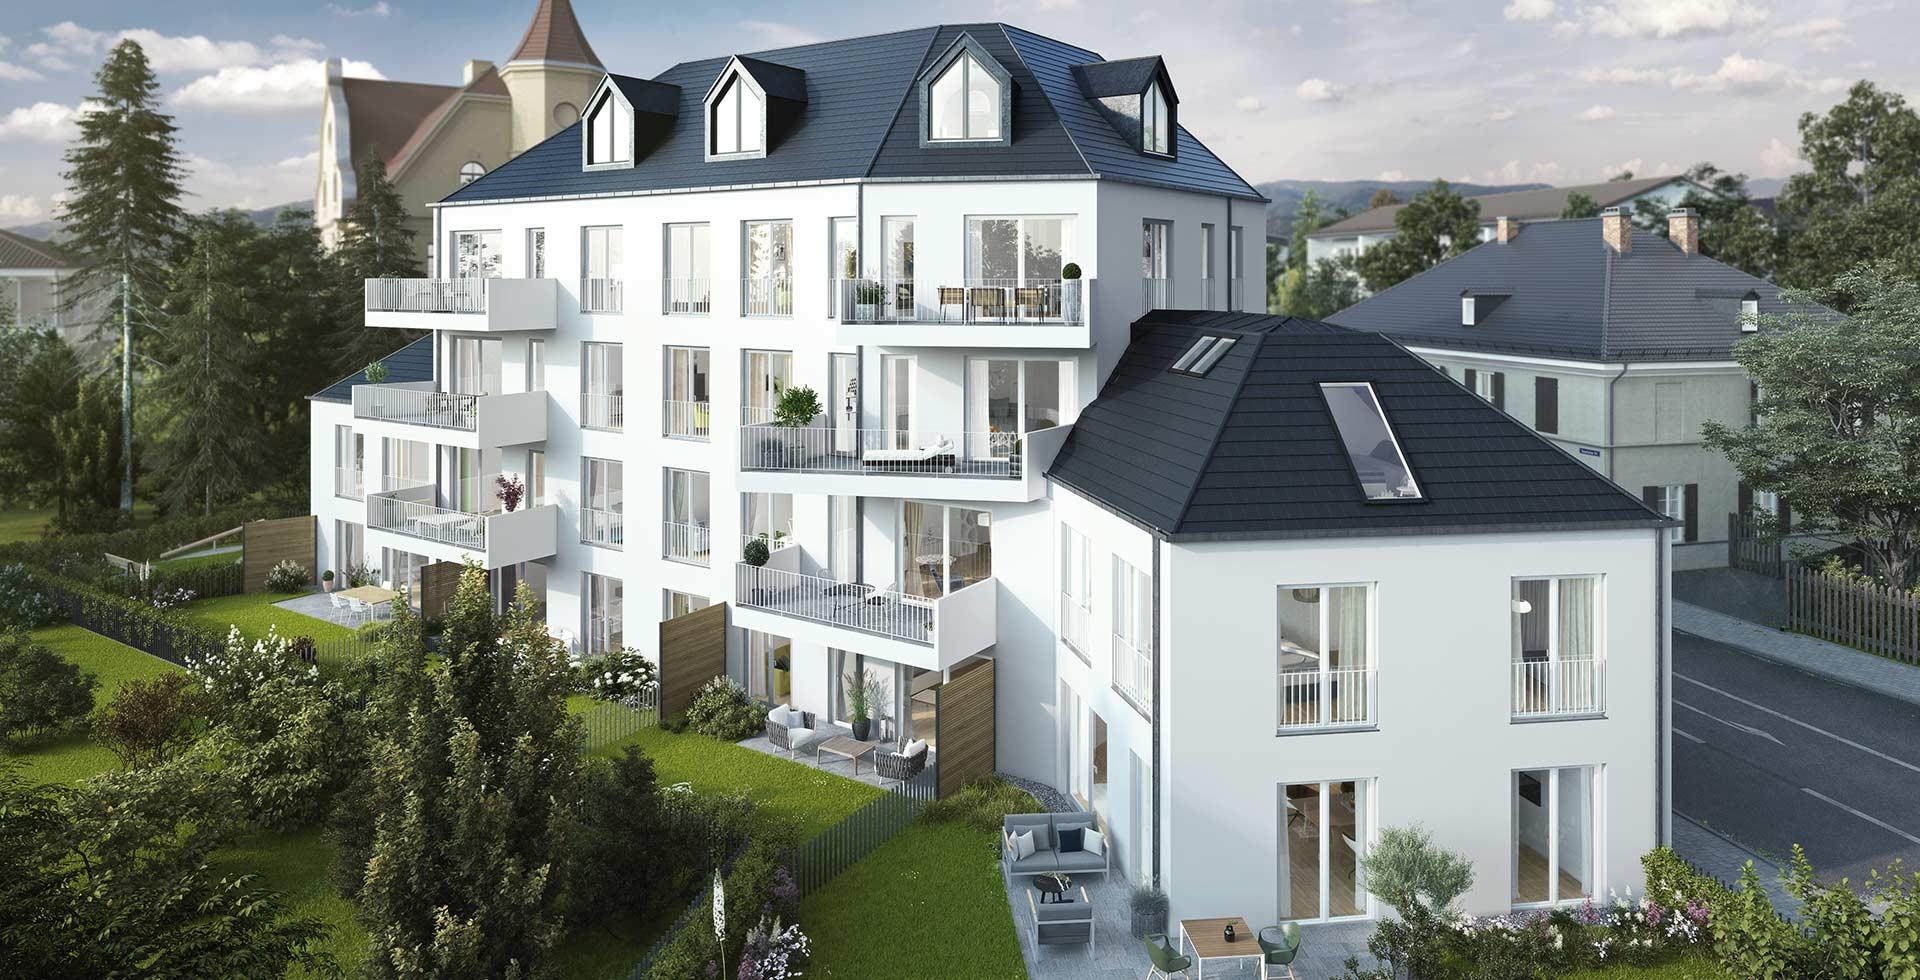 LHOMES_Neubauimmobilie_Sauerlacherstrasse-Wolfratshausen-Architektur-2